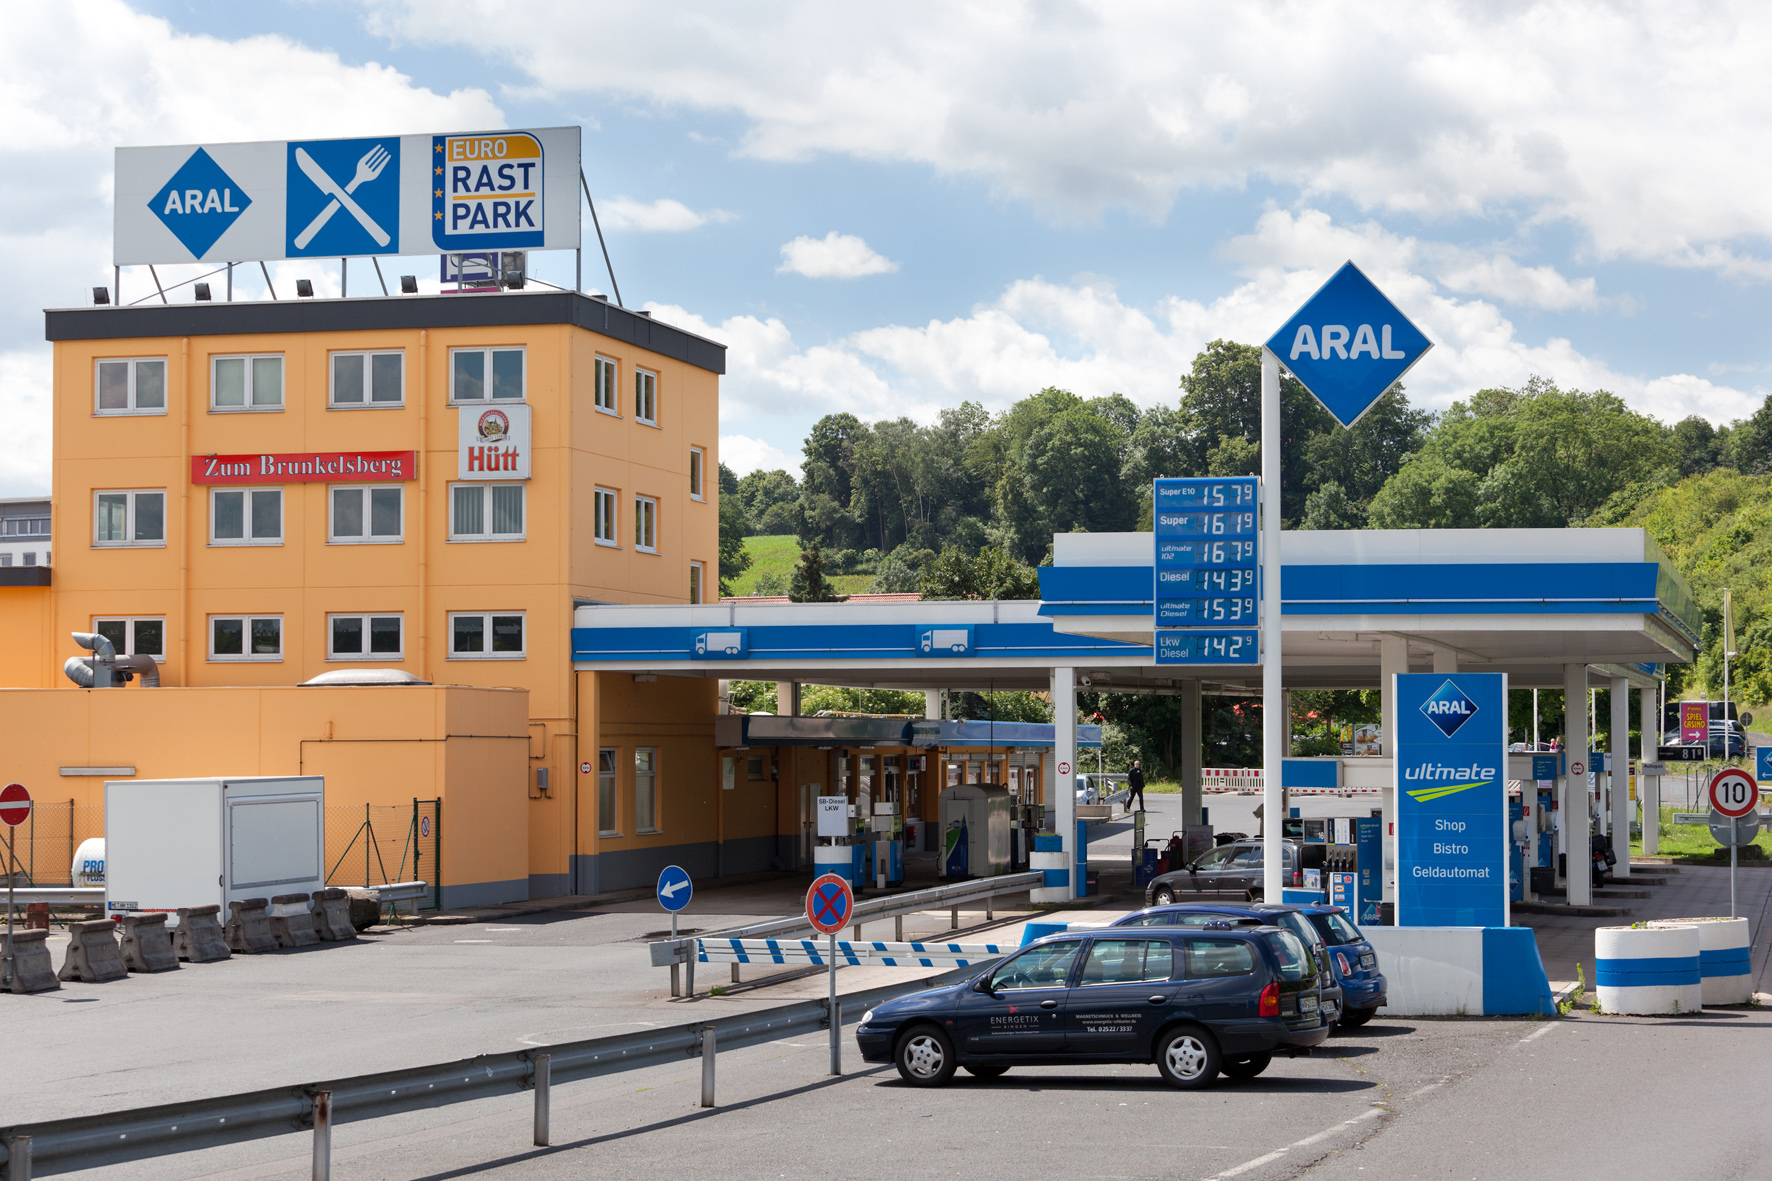 mid Groß-Gerau - Vor dem Alpen-Aufstieg nochmal voll tanken? Das kommt auf das Reiseziel an. Österreich-Urlauber tanken hinter der Grenze meist günstiger. Geht es in die Schweiz, sollte der Tank bereits vor dem Vignetten-Kauf voll sein.